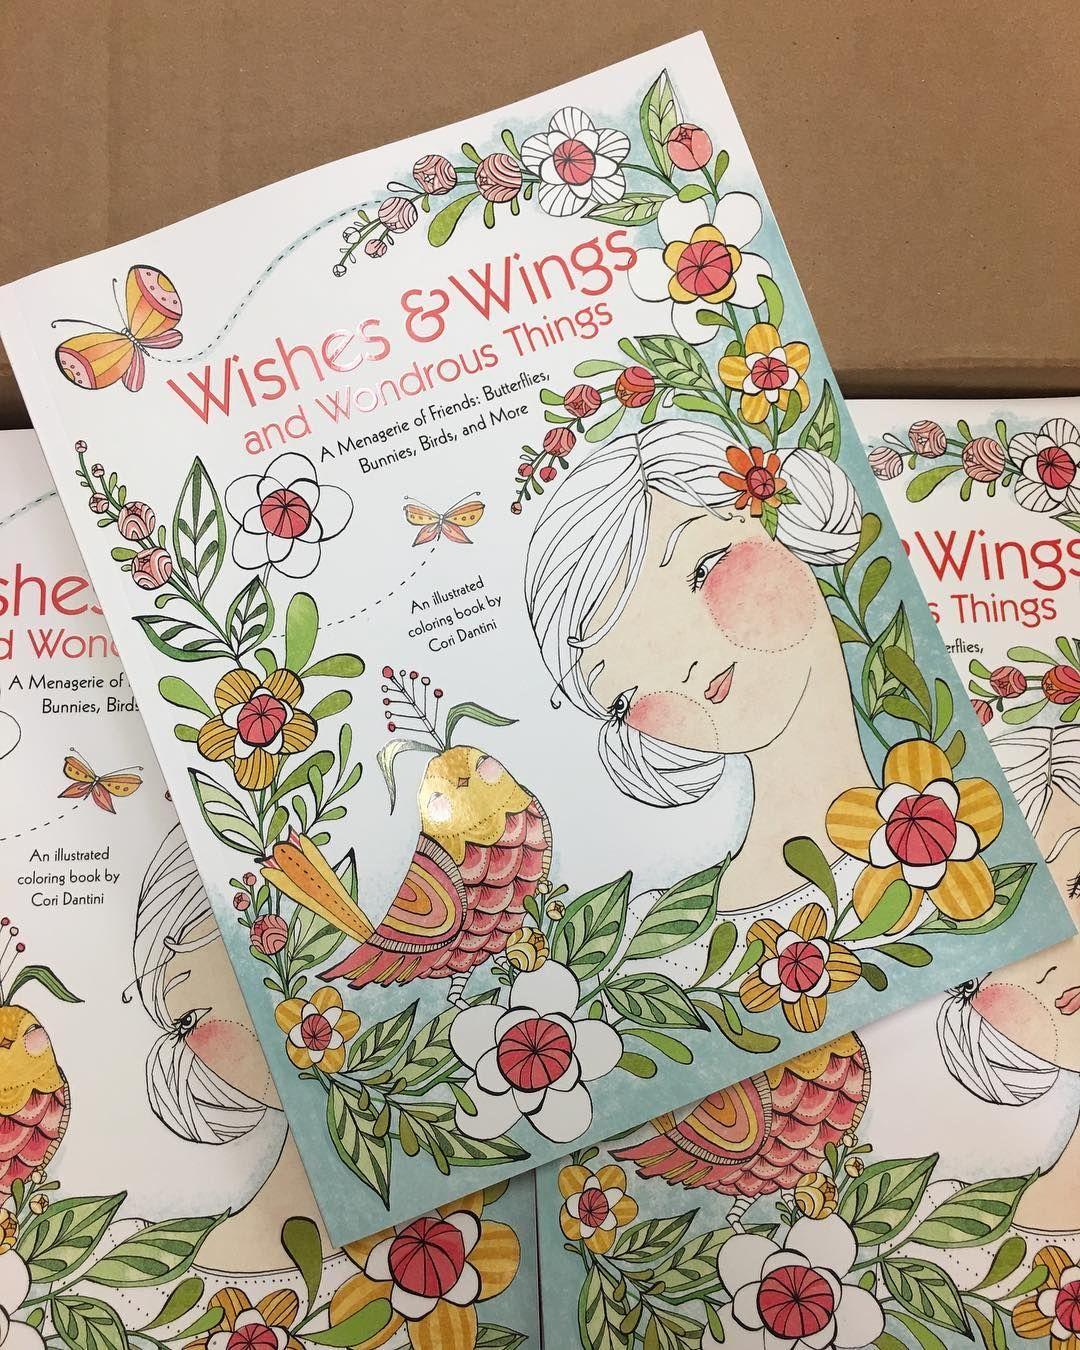 Lotus designs coloring book - Coloring Book Wishes Wings And Wonderful Things Cori Dantini